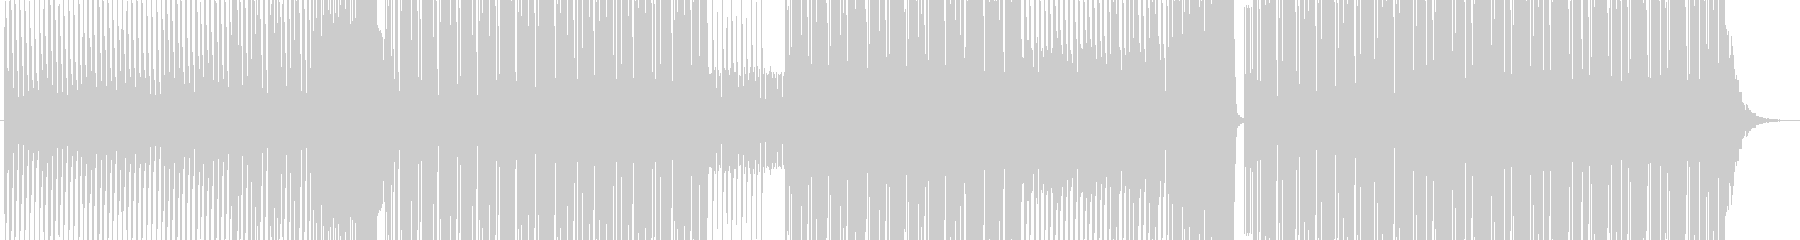 コミカルゾンビダンスEDMの未再生の波形